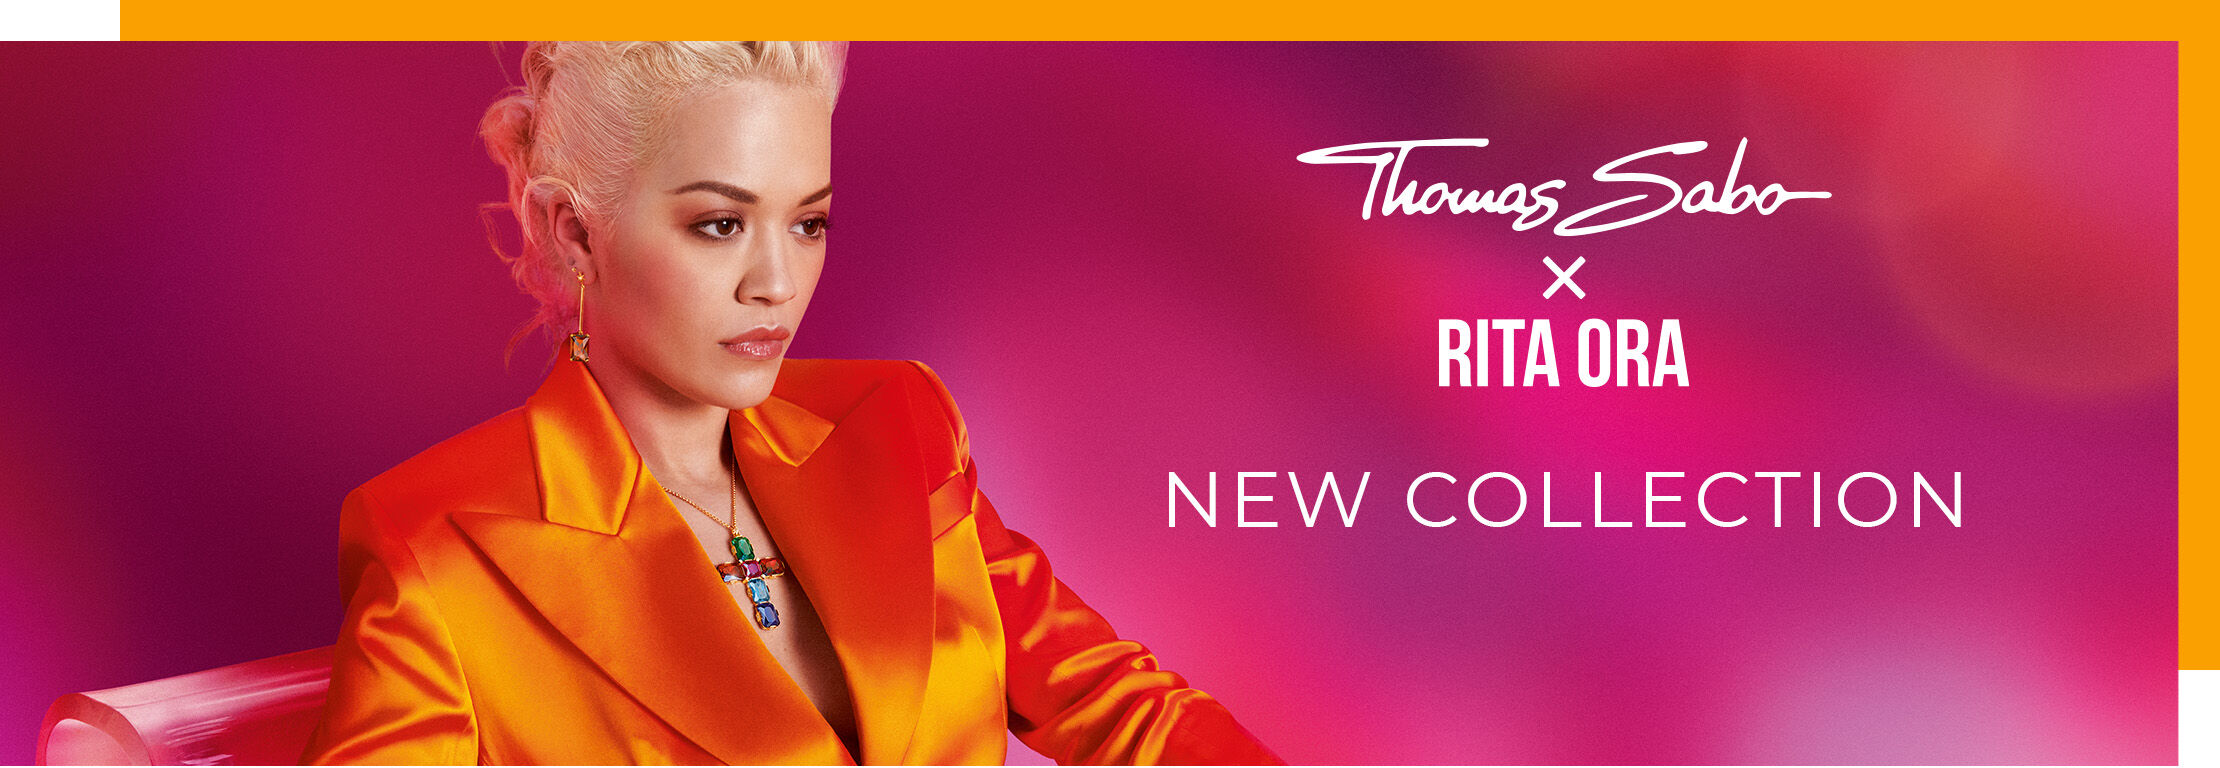 New Collection 2019: The Magic of Rita Ora meets THOMAS SABO